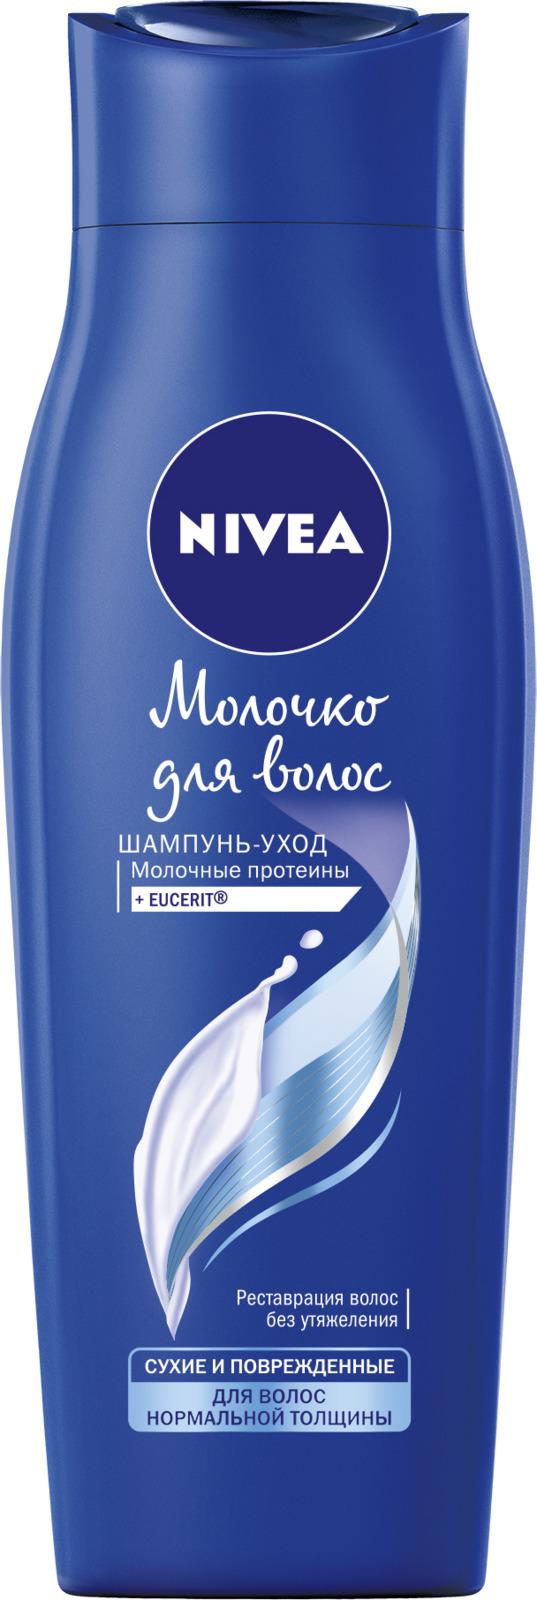 """Шампунь-уход Nivea """"Молочко для волос"""", для волос нормальной толщины, 250 мл"""